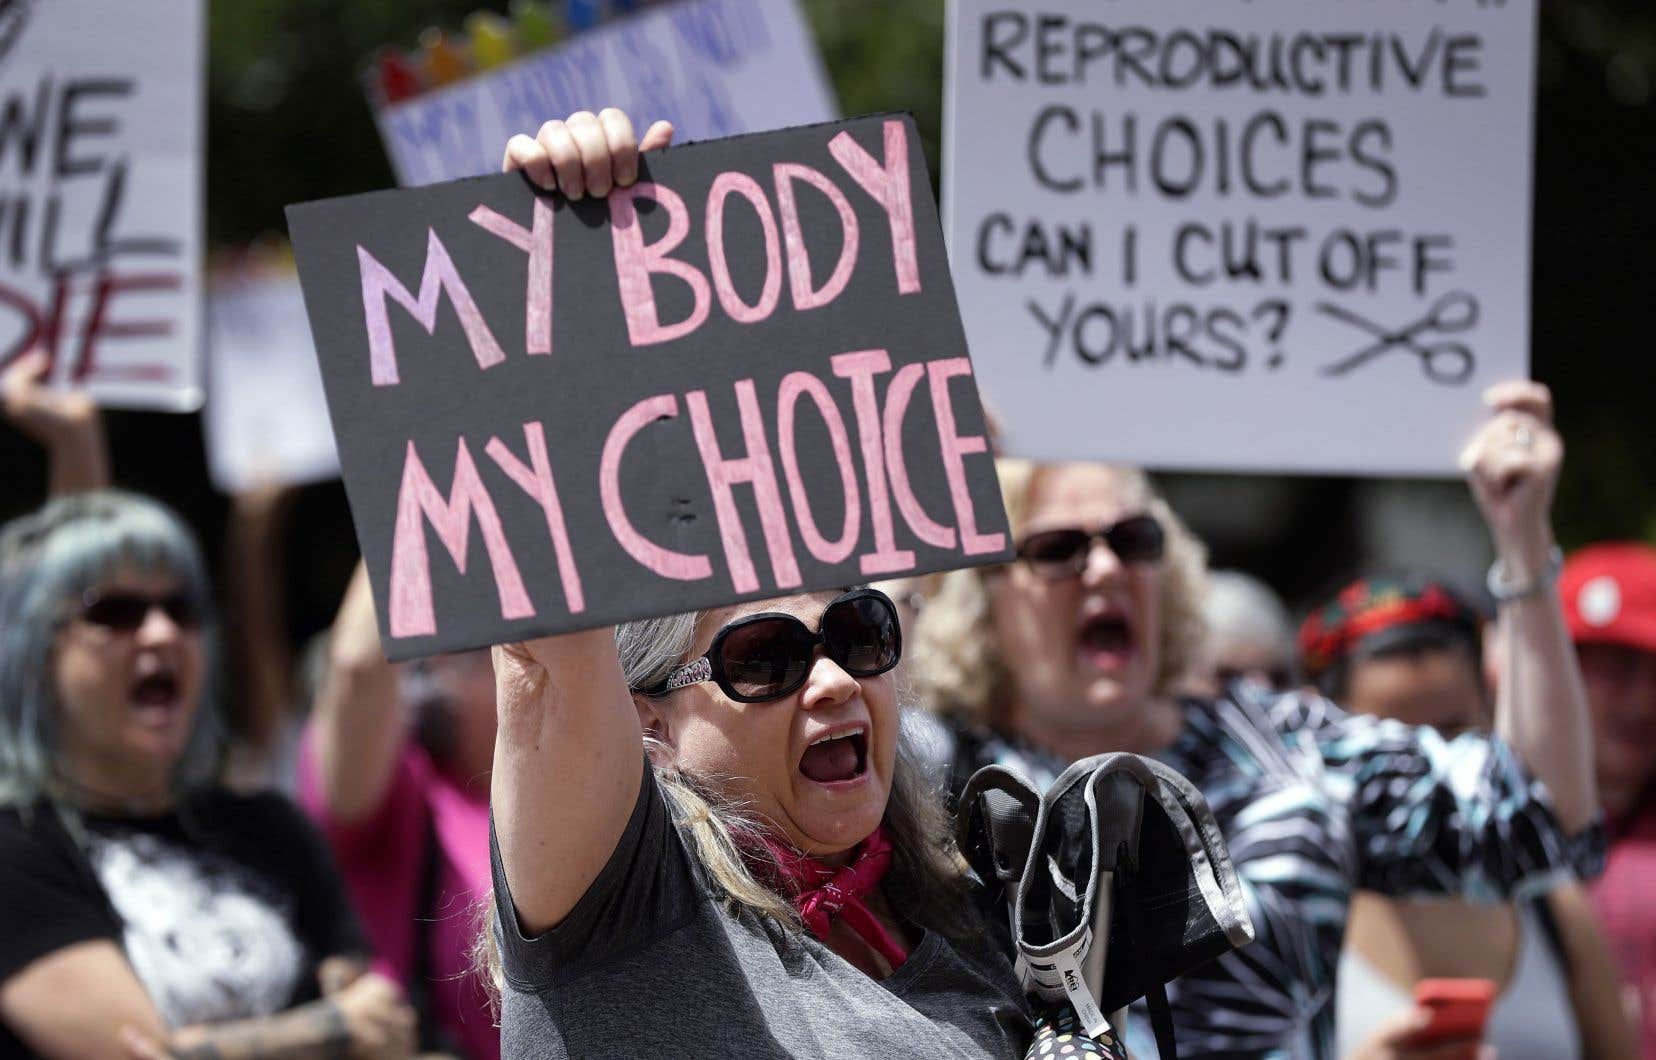 Les manifestations se multiplient aux États-Unis depuis que la Cour suprême a avalisé, en partie du moins, la loi de l'Indiana sur l'avortement, une loi que le vice-président Mike Pence avait lui-même entérinée lorsqu'il était gouverneur de l'État.